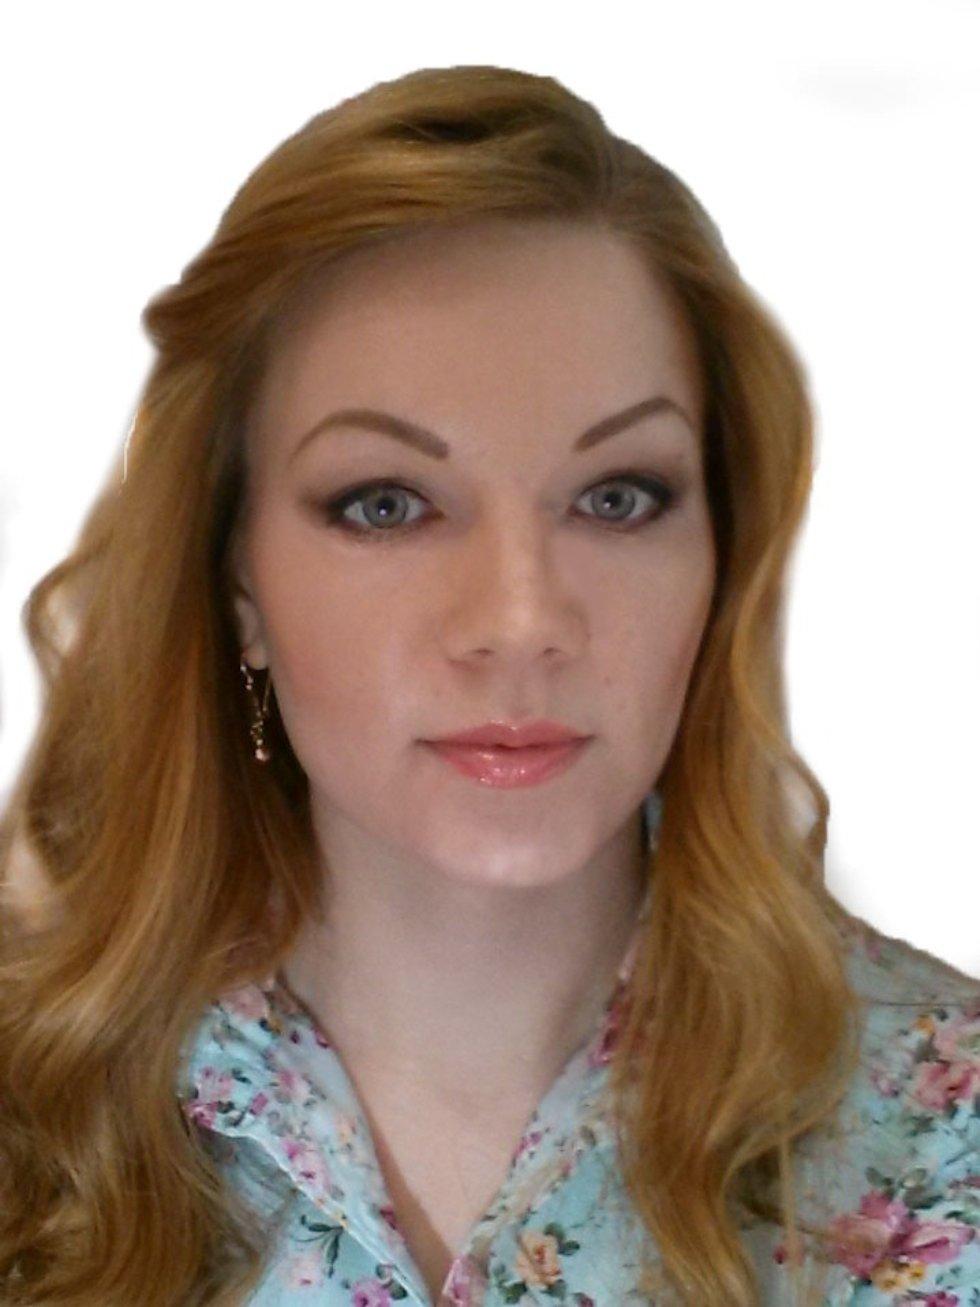 Rzhanova Irina Vladimirovna